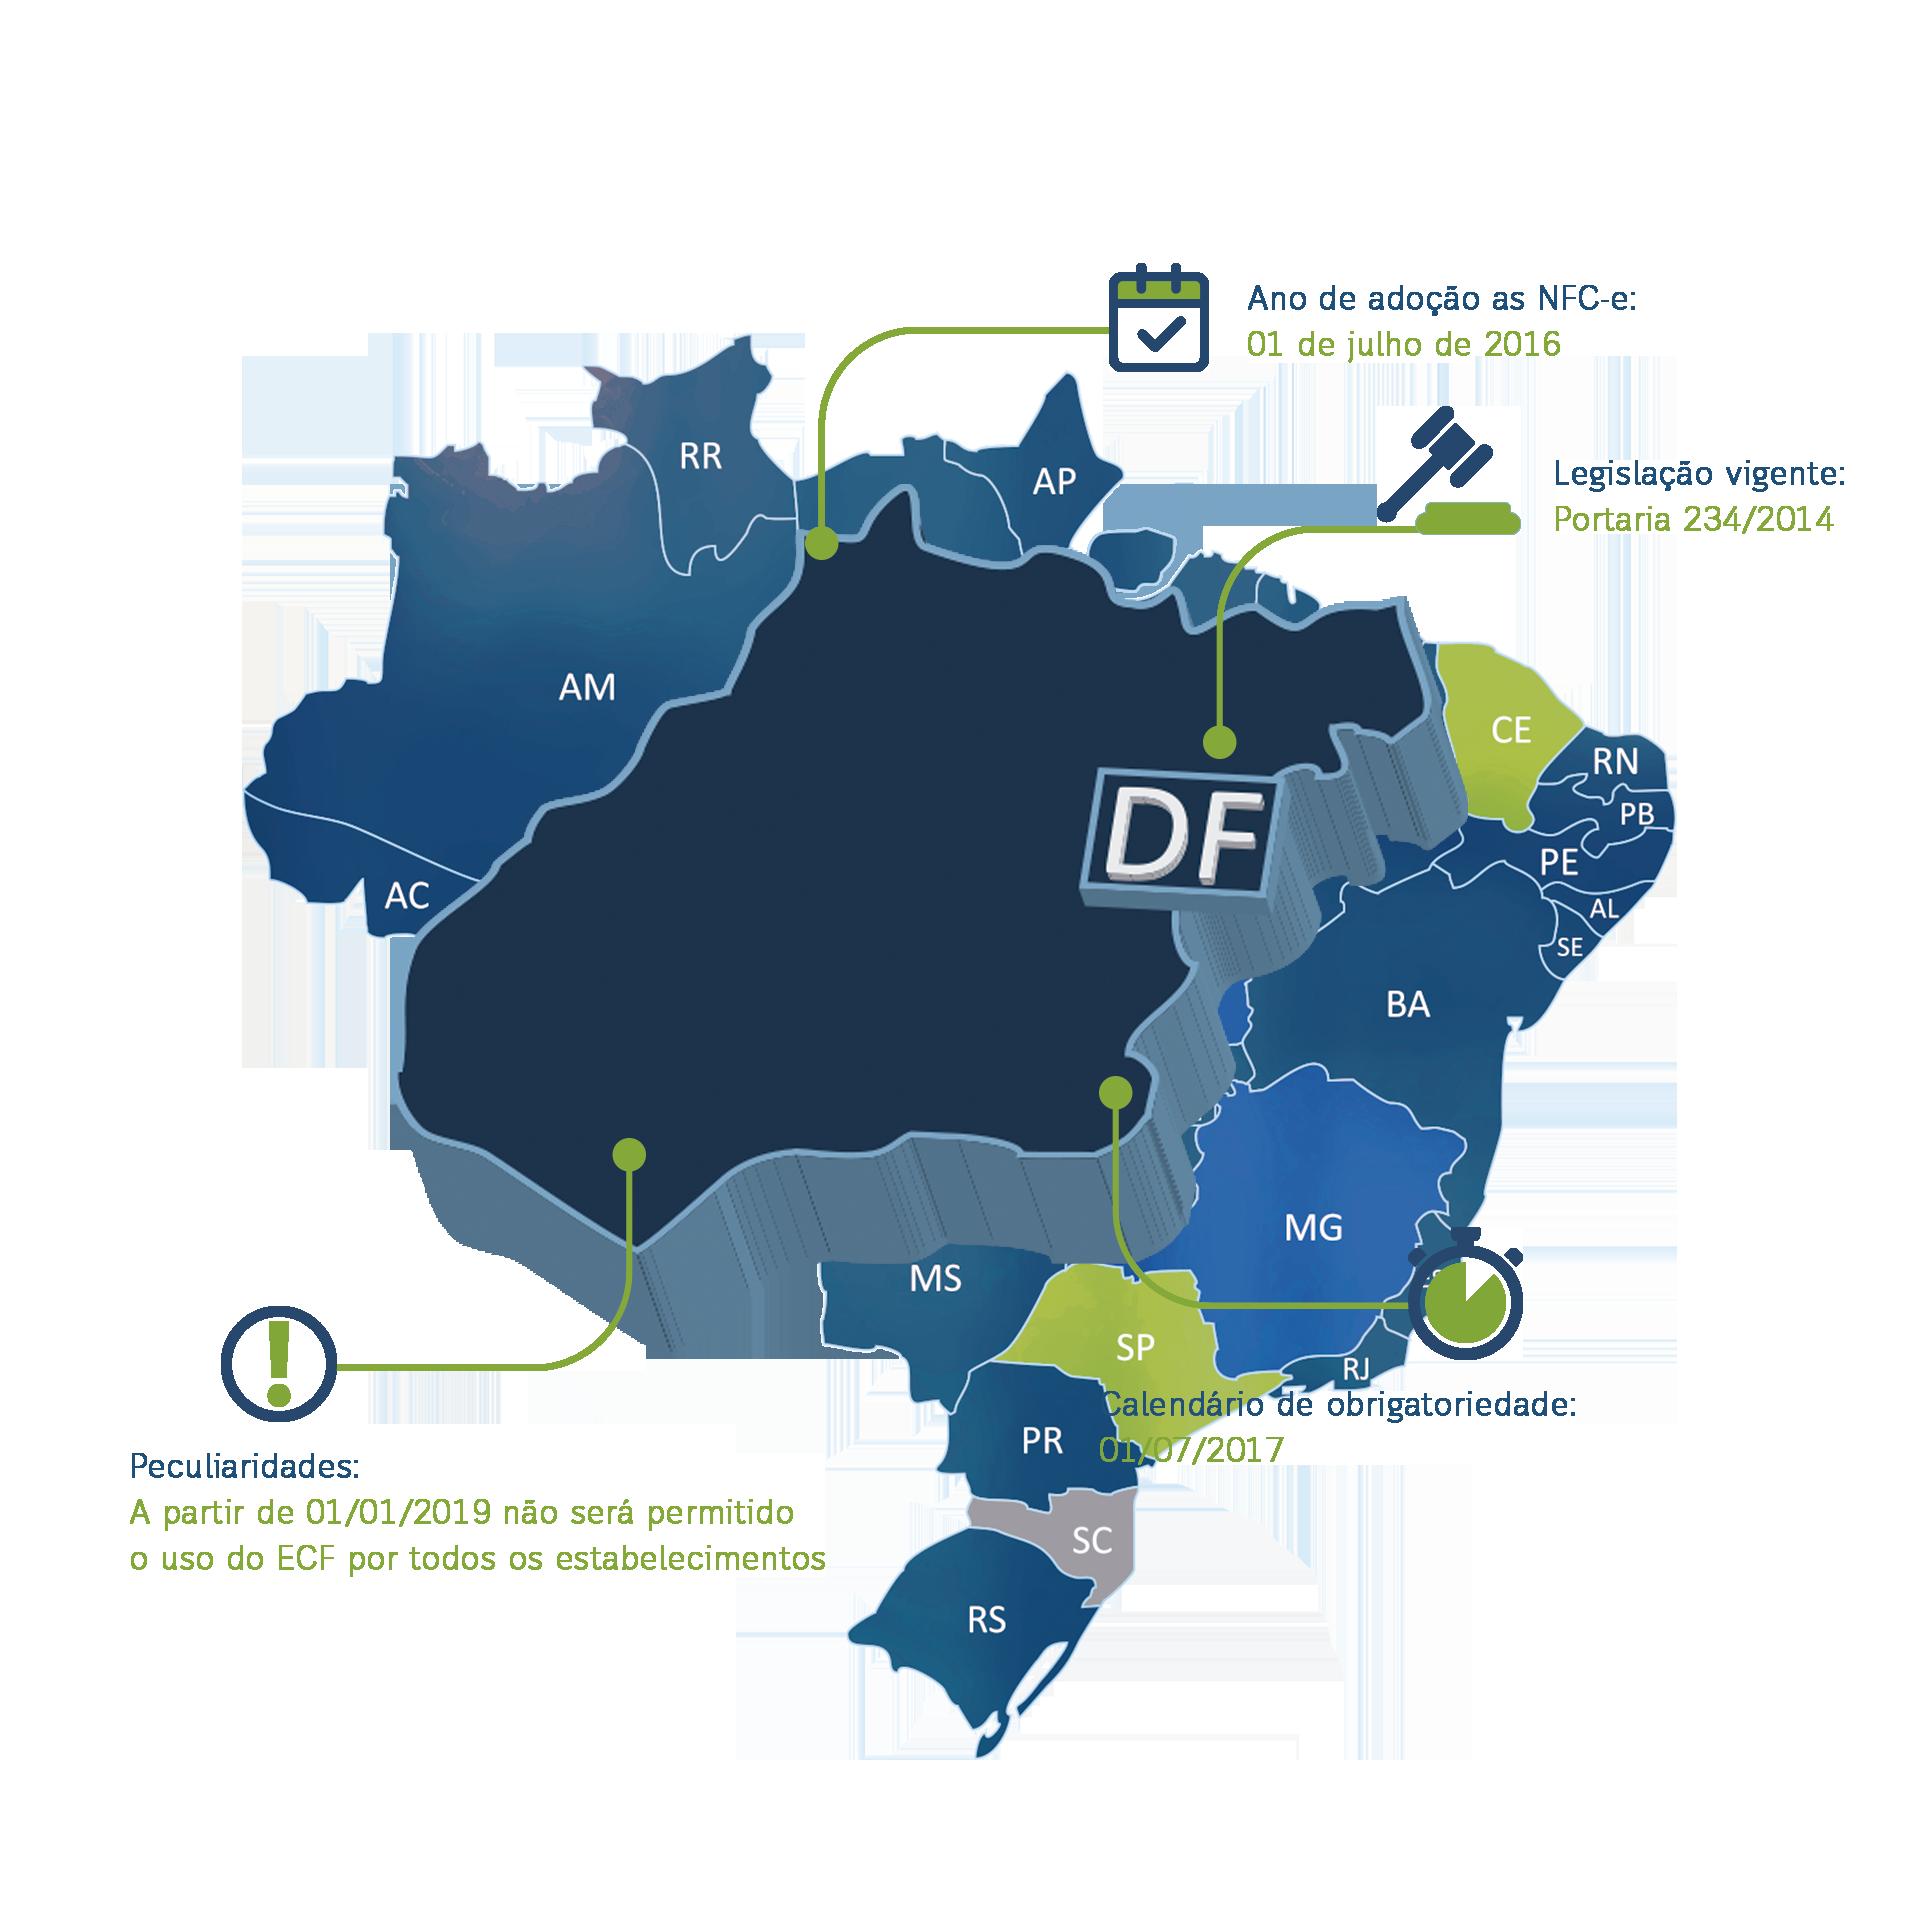 Distrito Federal - Nota Fiscal Eletrônica